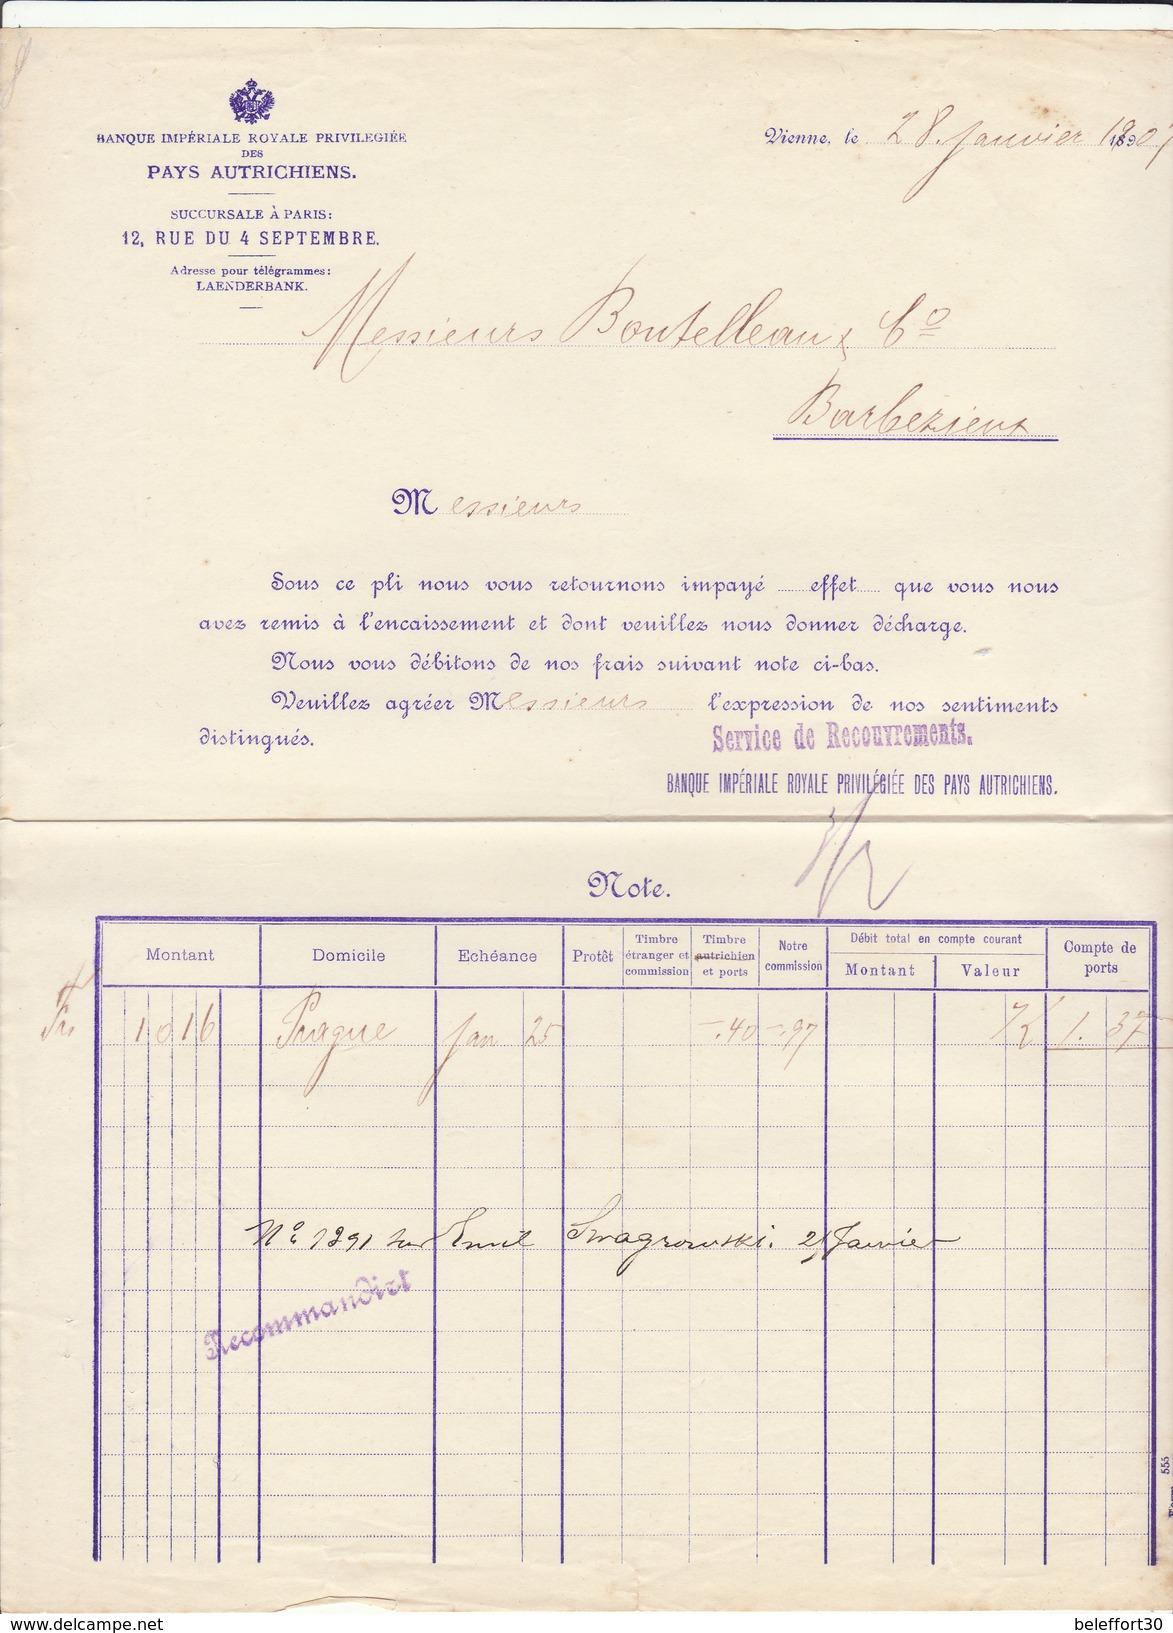 Autriche, Vienne, Banque Impériale Royale Priviliégée Des Pays Autrichiens, 1907 - Autriche